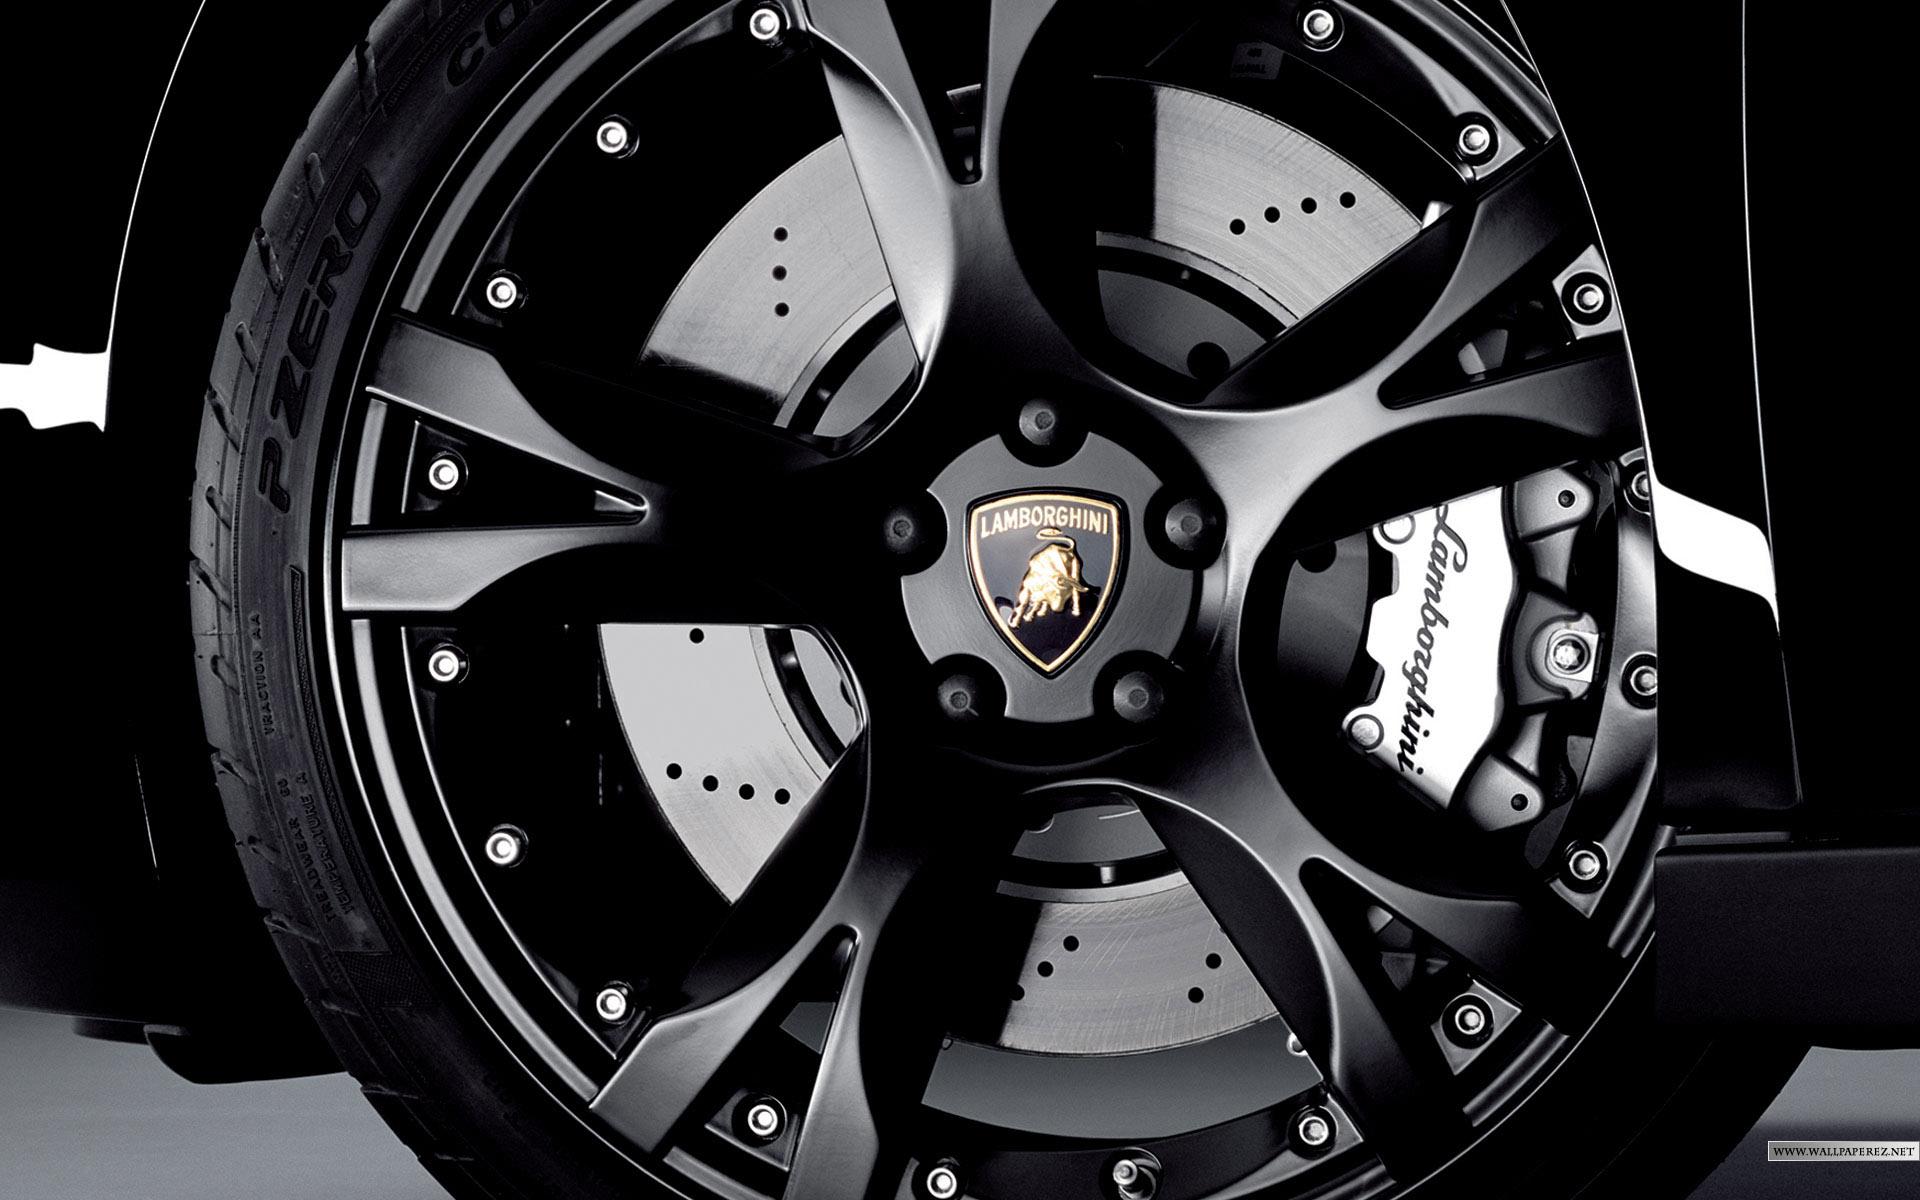 صور للسيارة الأروع و الأغلى في العاااالم Lamborghini-wallpaper-928